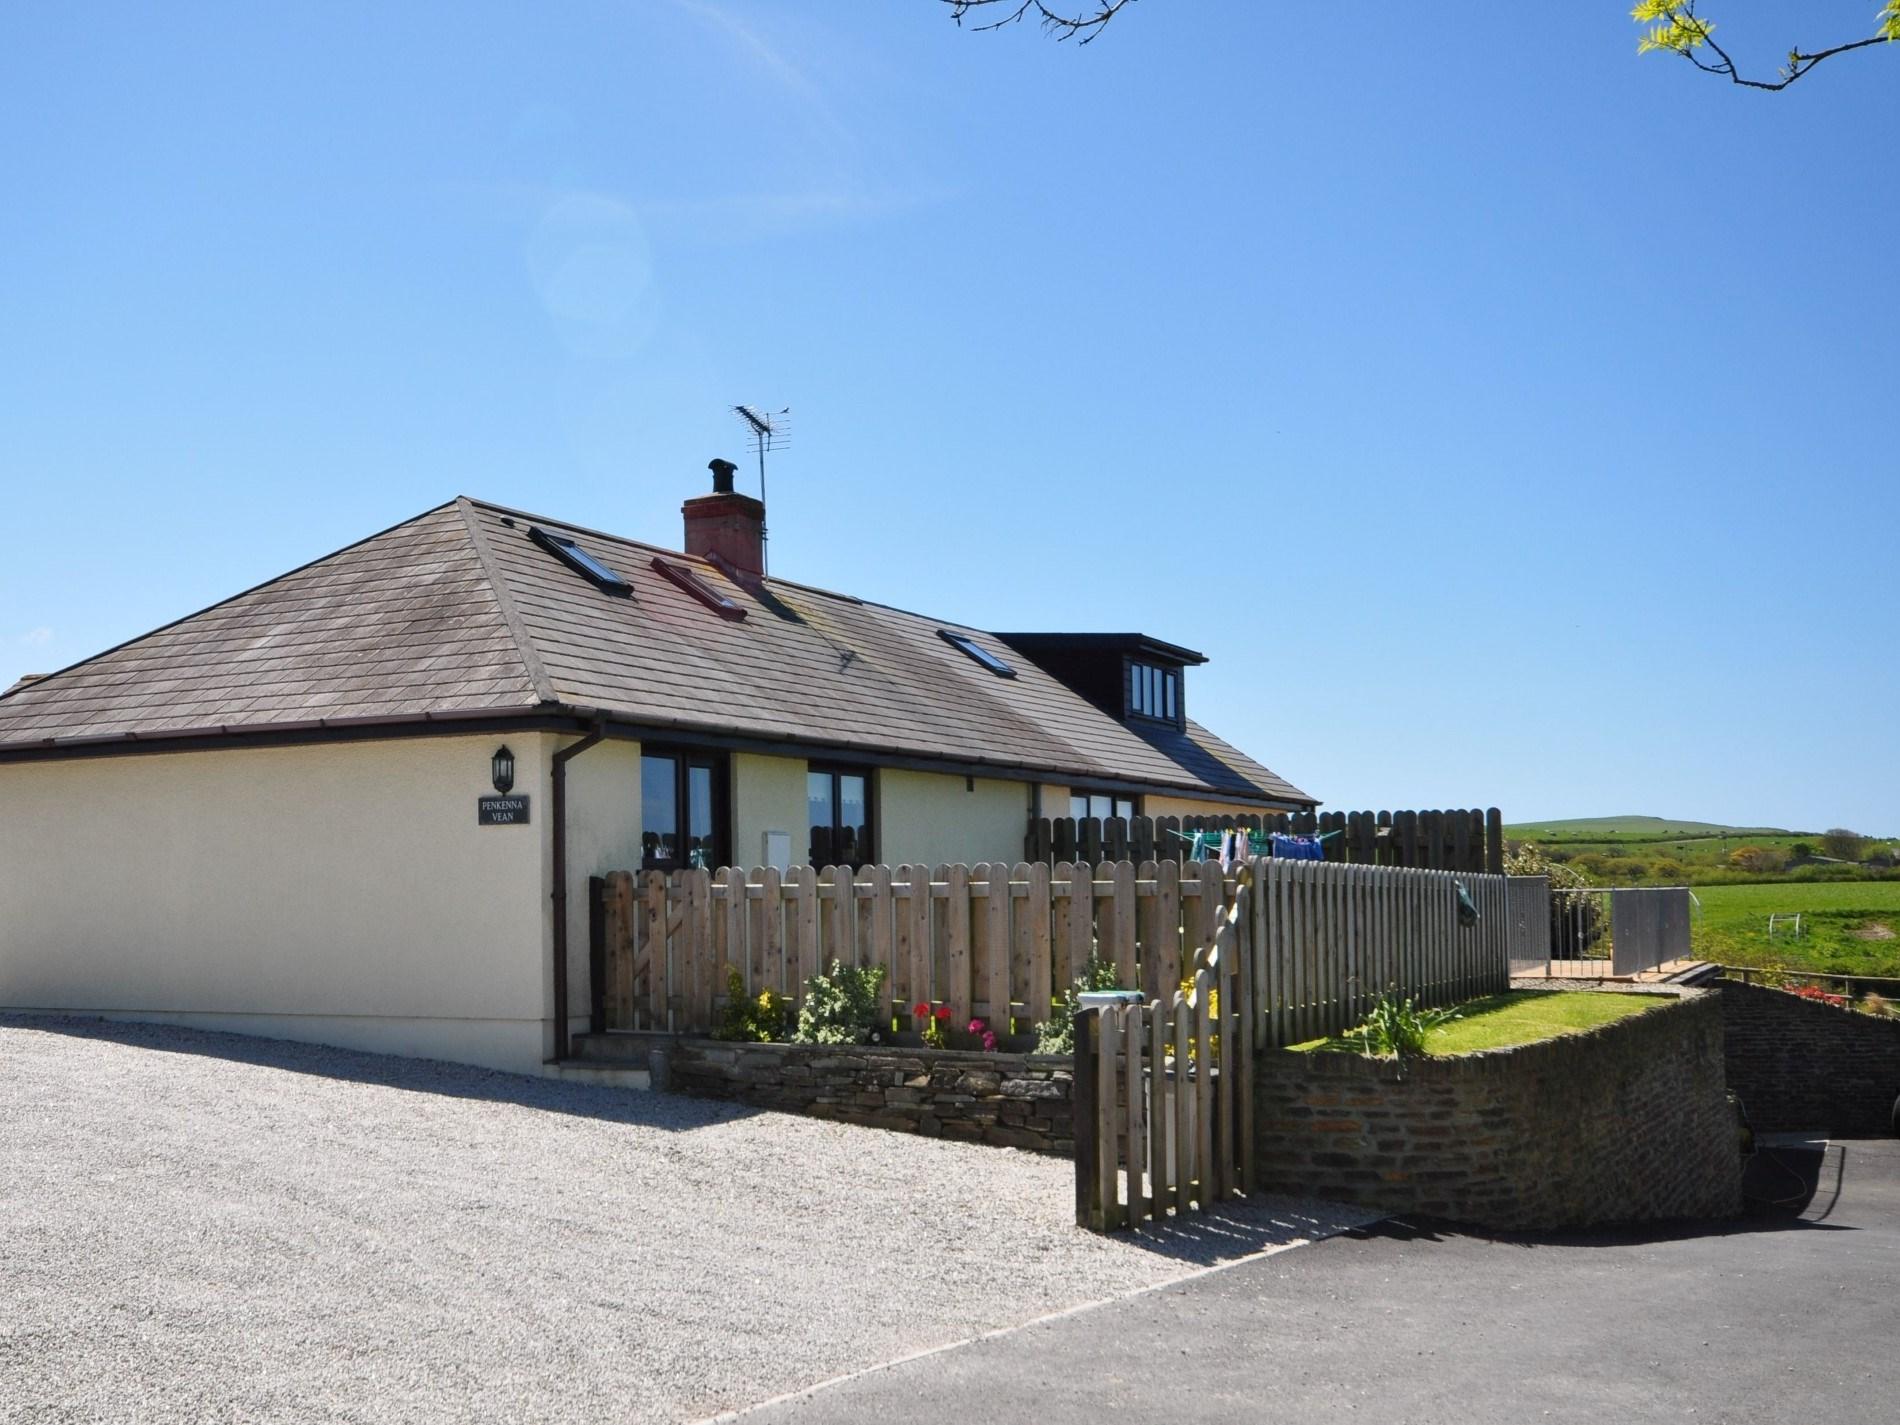 Ferienhaus in Crackington-Haven